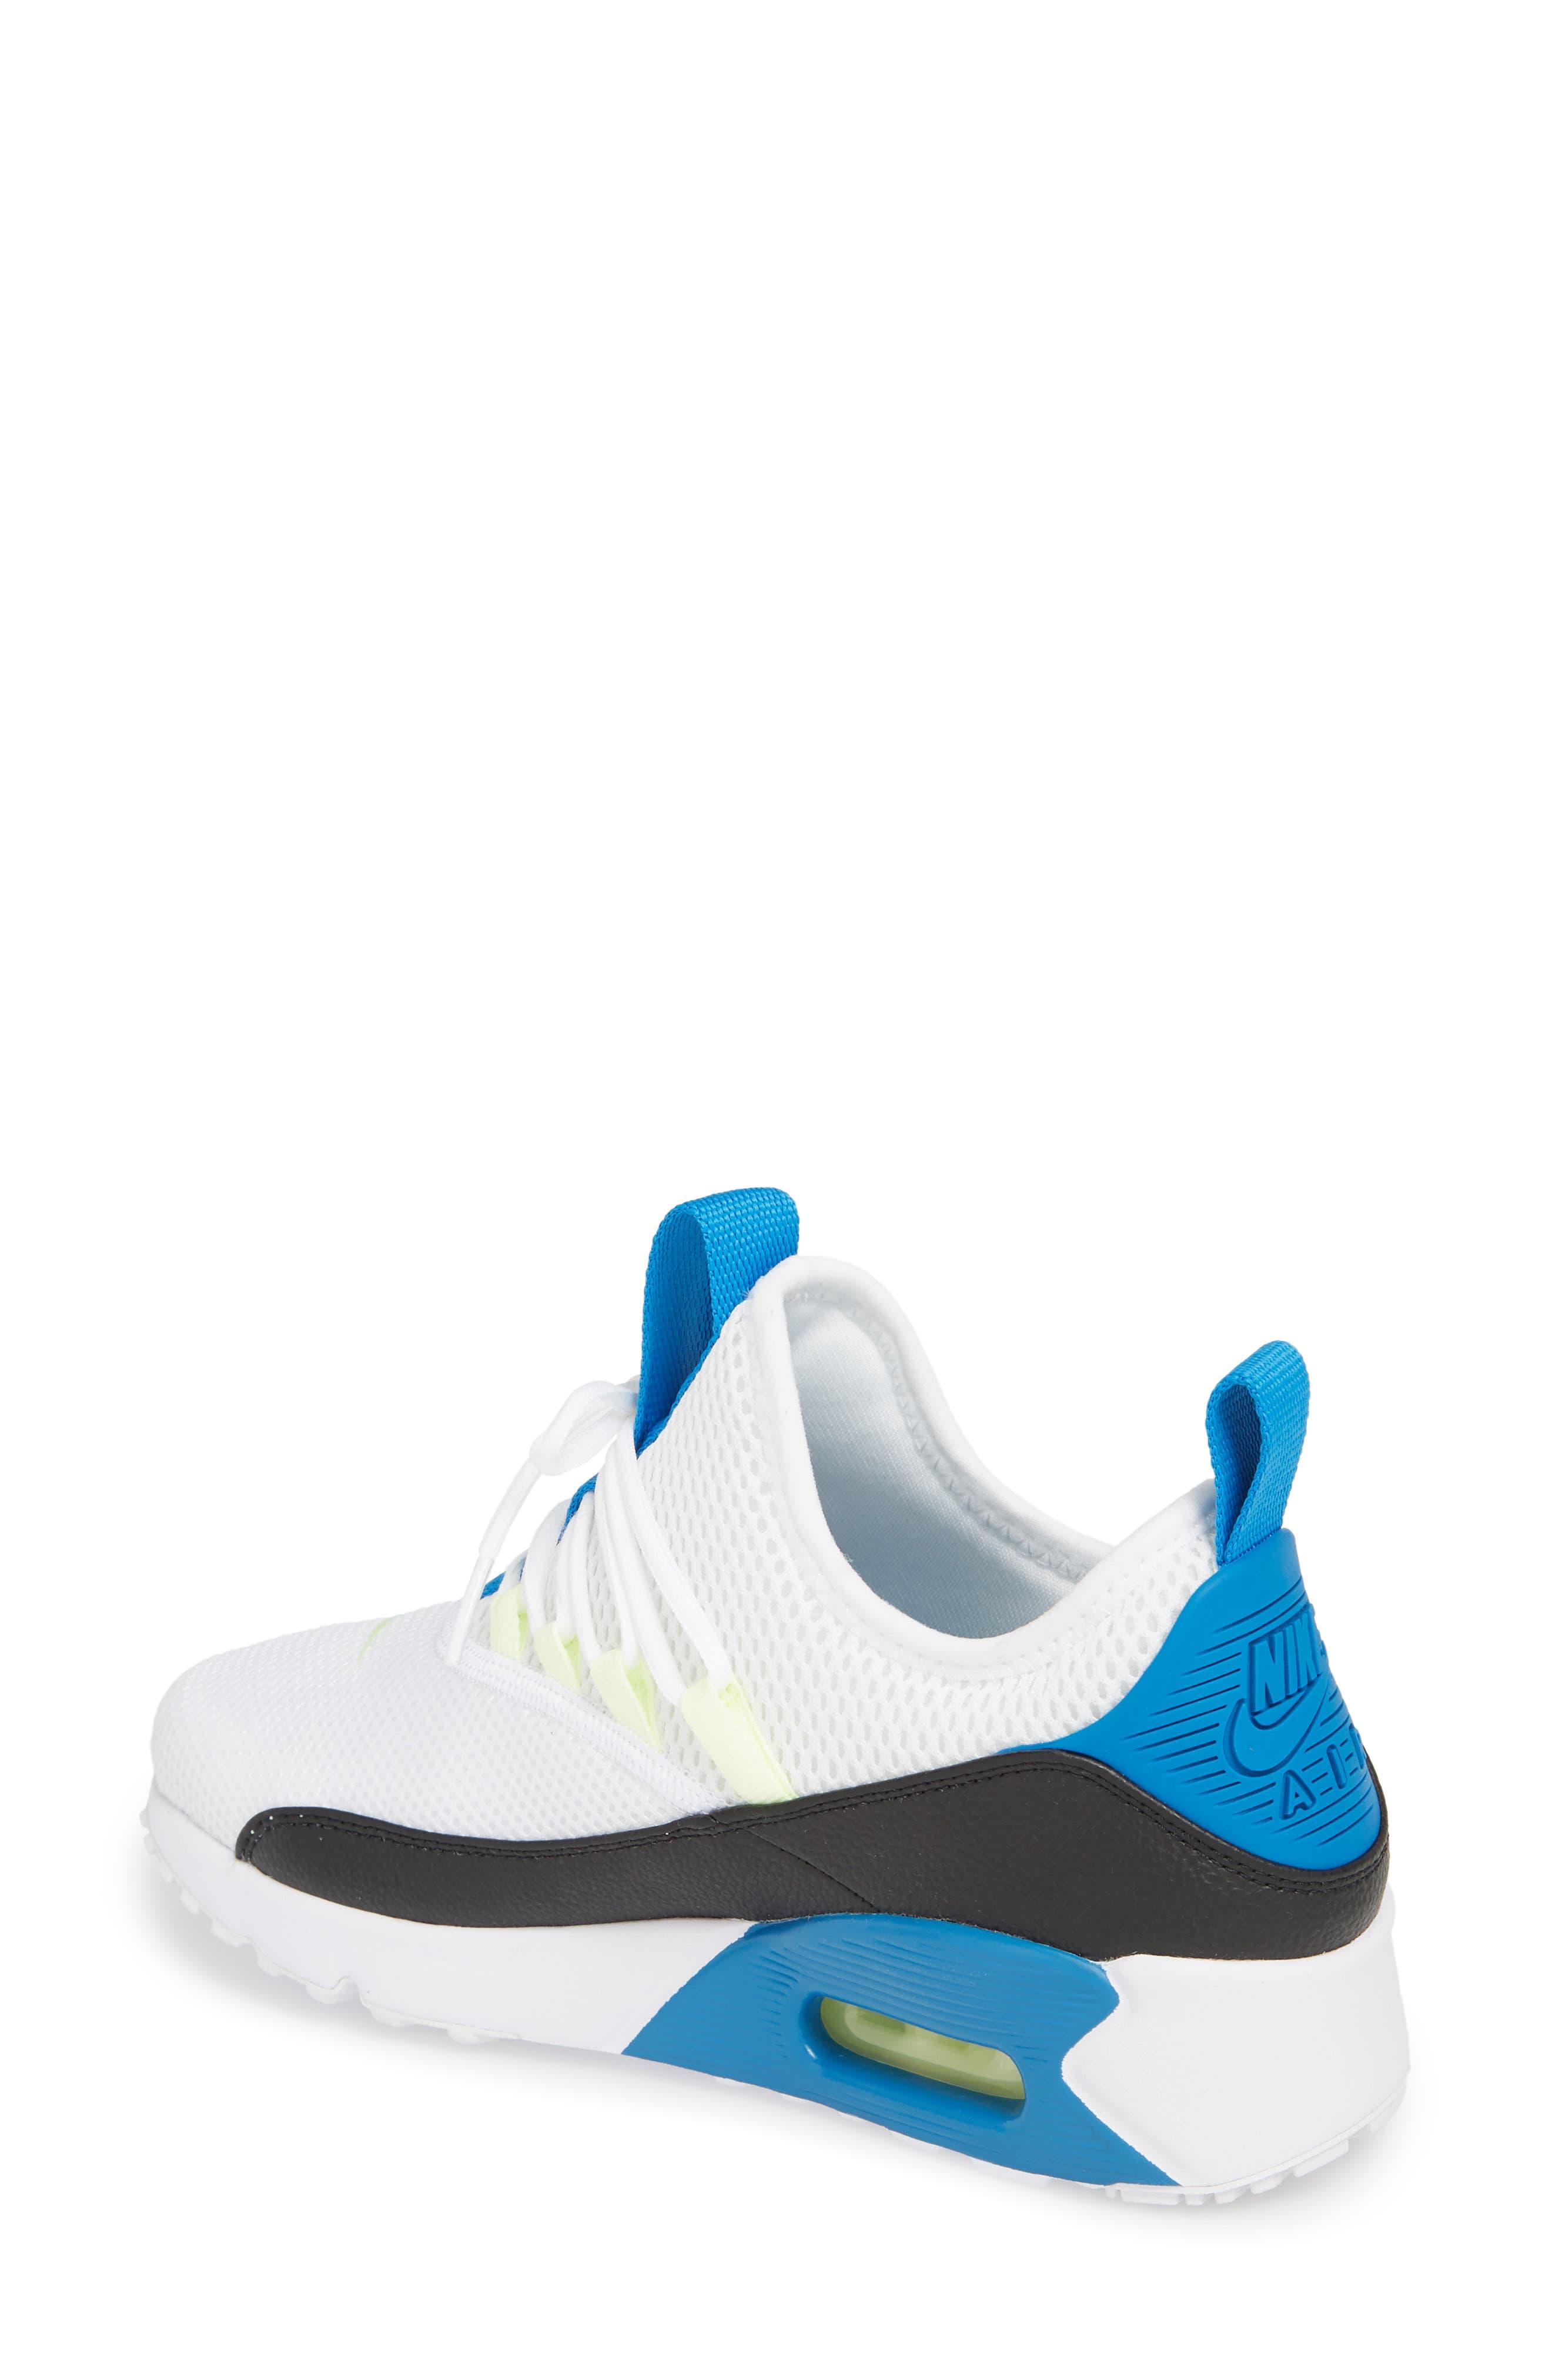 Air Max 90 EZ Sneaker,                             Alternate thumbnail 2, color,                             102